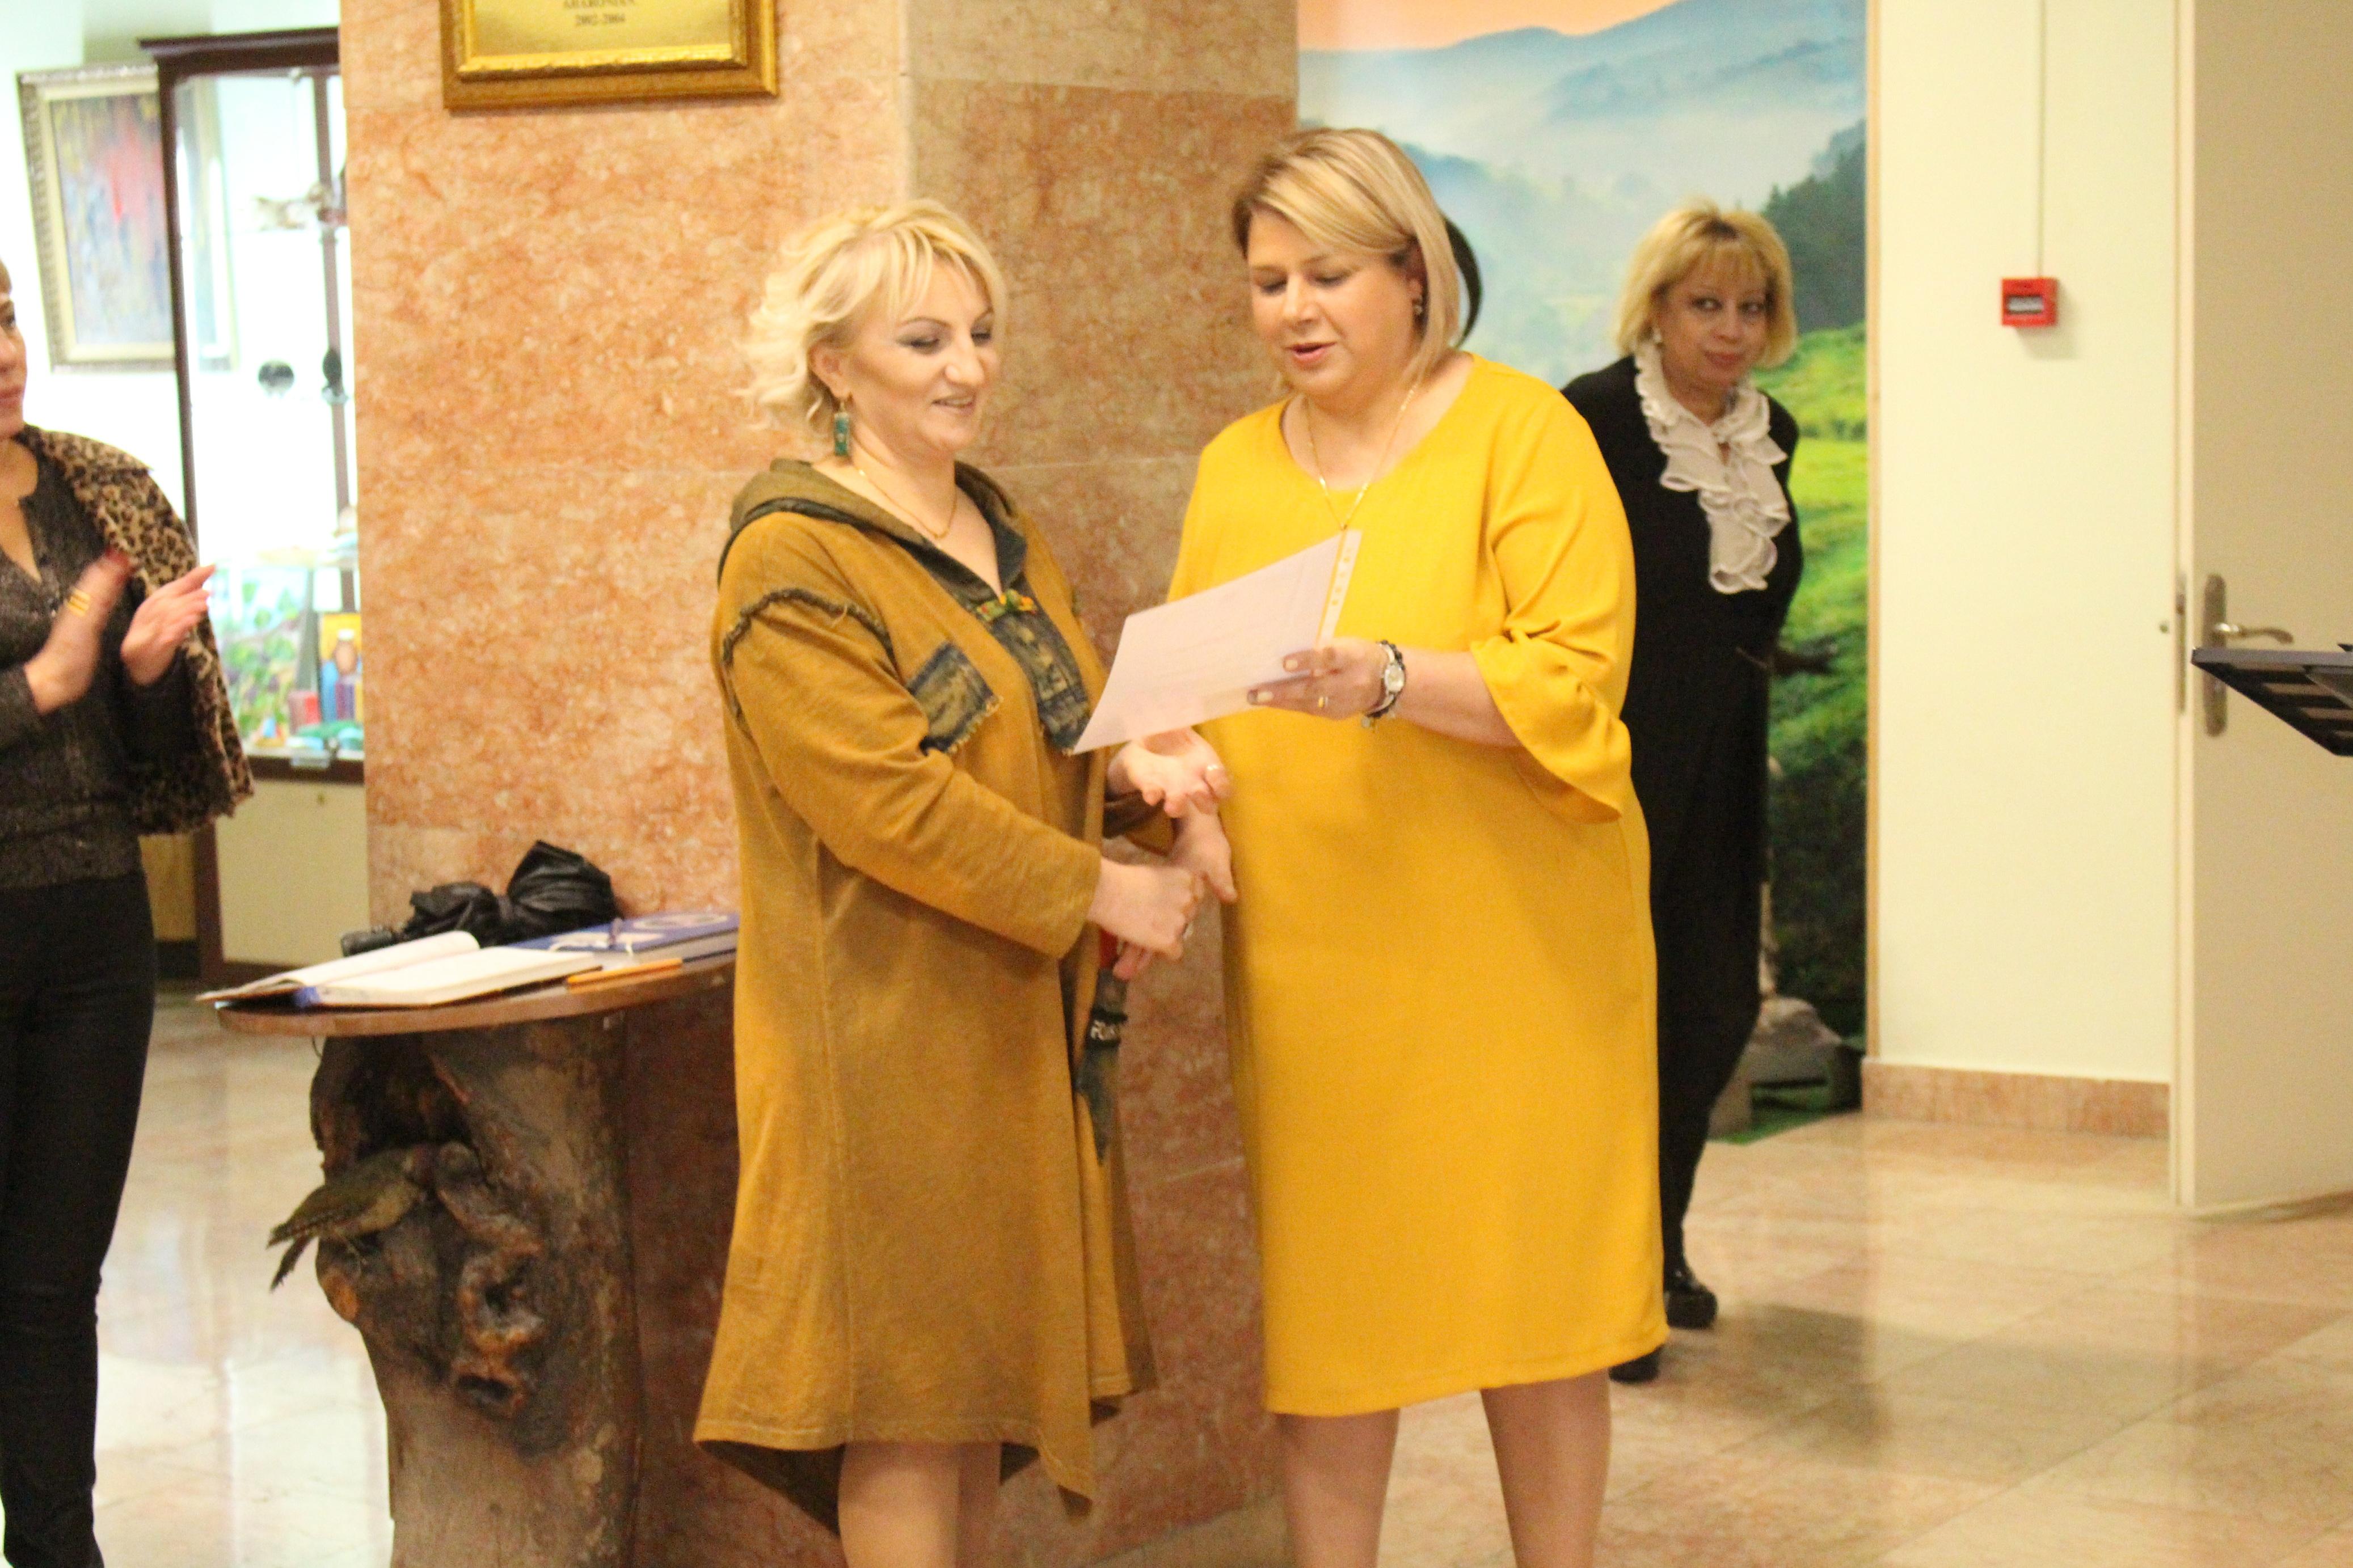 Հայաստանի բնության պետական թանգարանում տեղի ունեցավ «Բնության ձայնին ունկնդիր» խորագիրը կրող ցուցահանդեսի բացումը